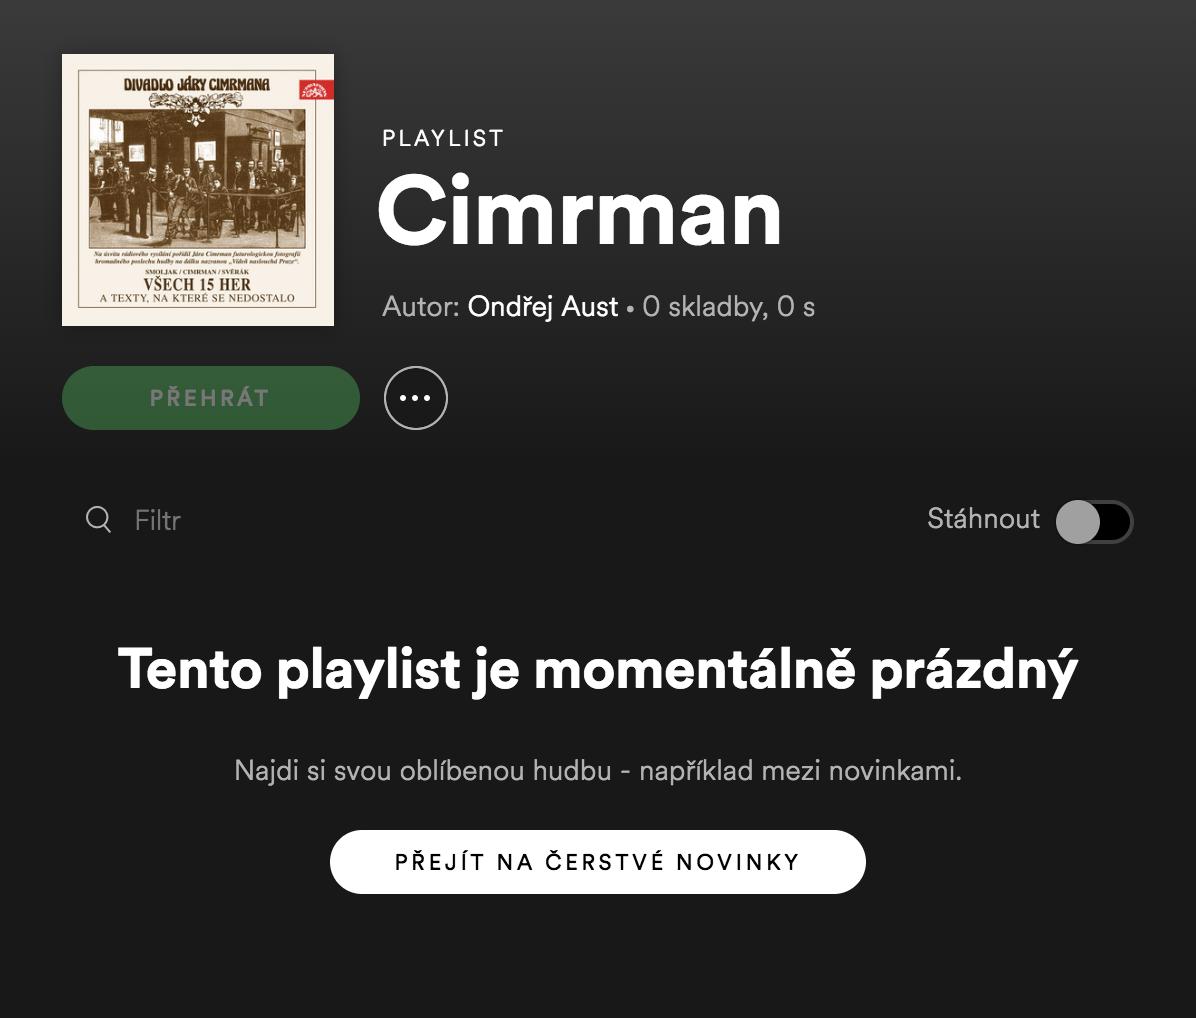 Playlisty z Cimrmanovými hrami zůstaly prázdné